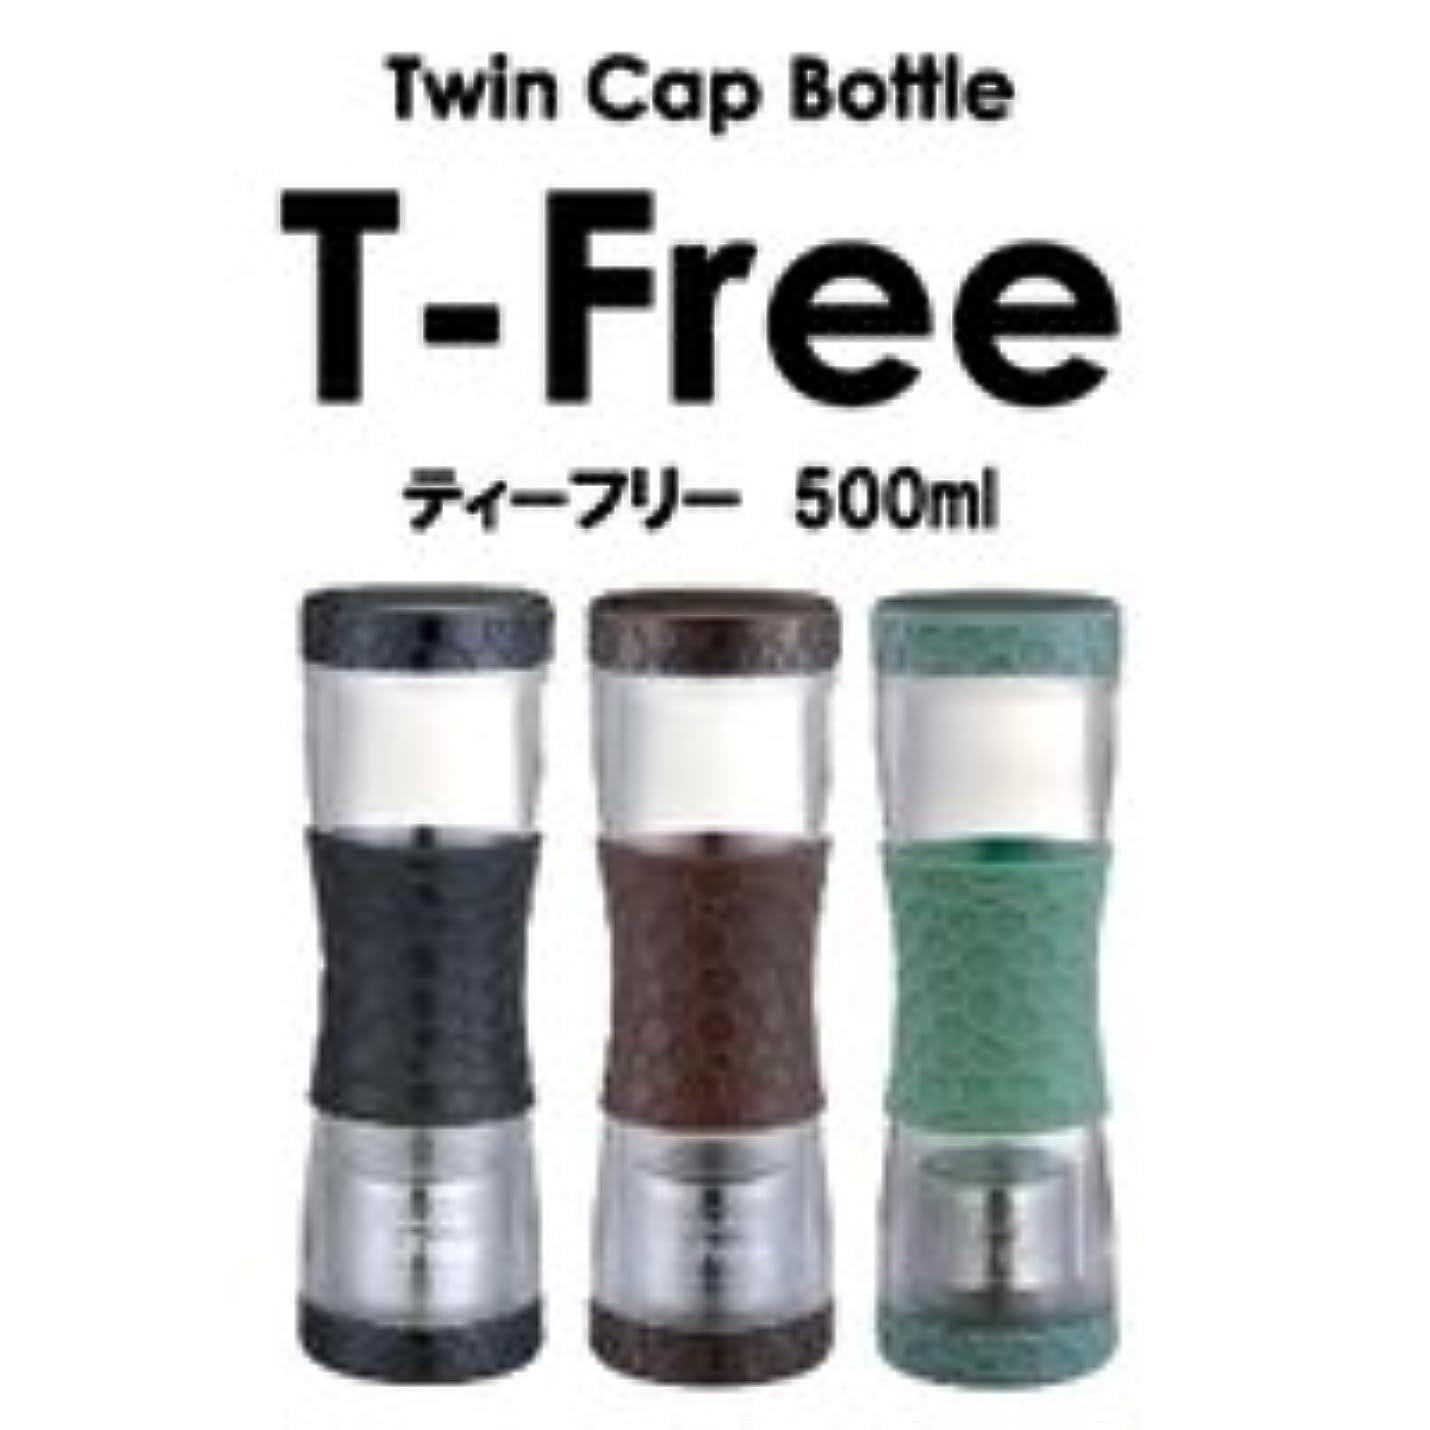 夕方戦う電信ティーフリー500ml T-Free (カラー:グリーン) ※使い方自由なツインキャップボトル